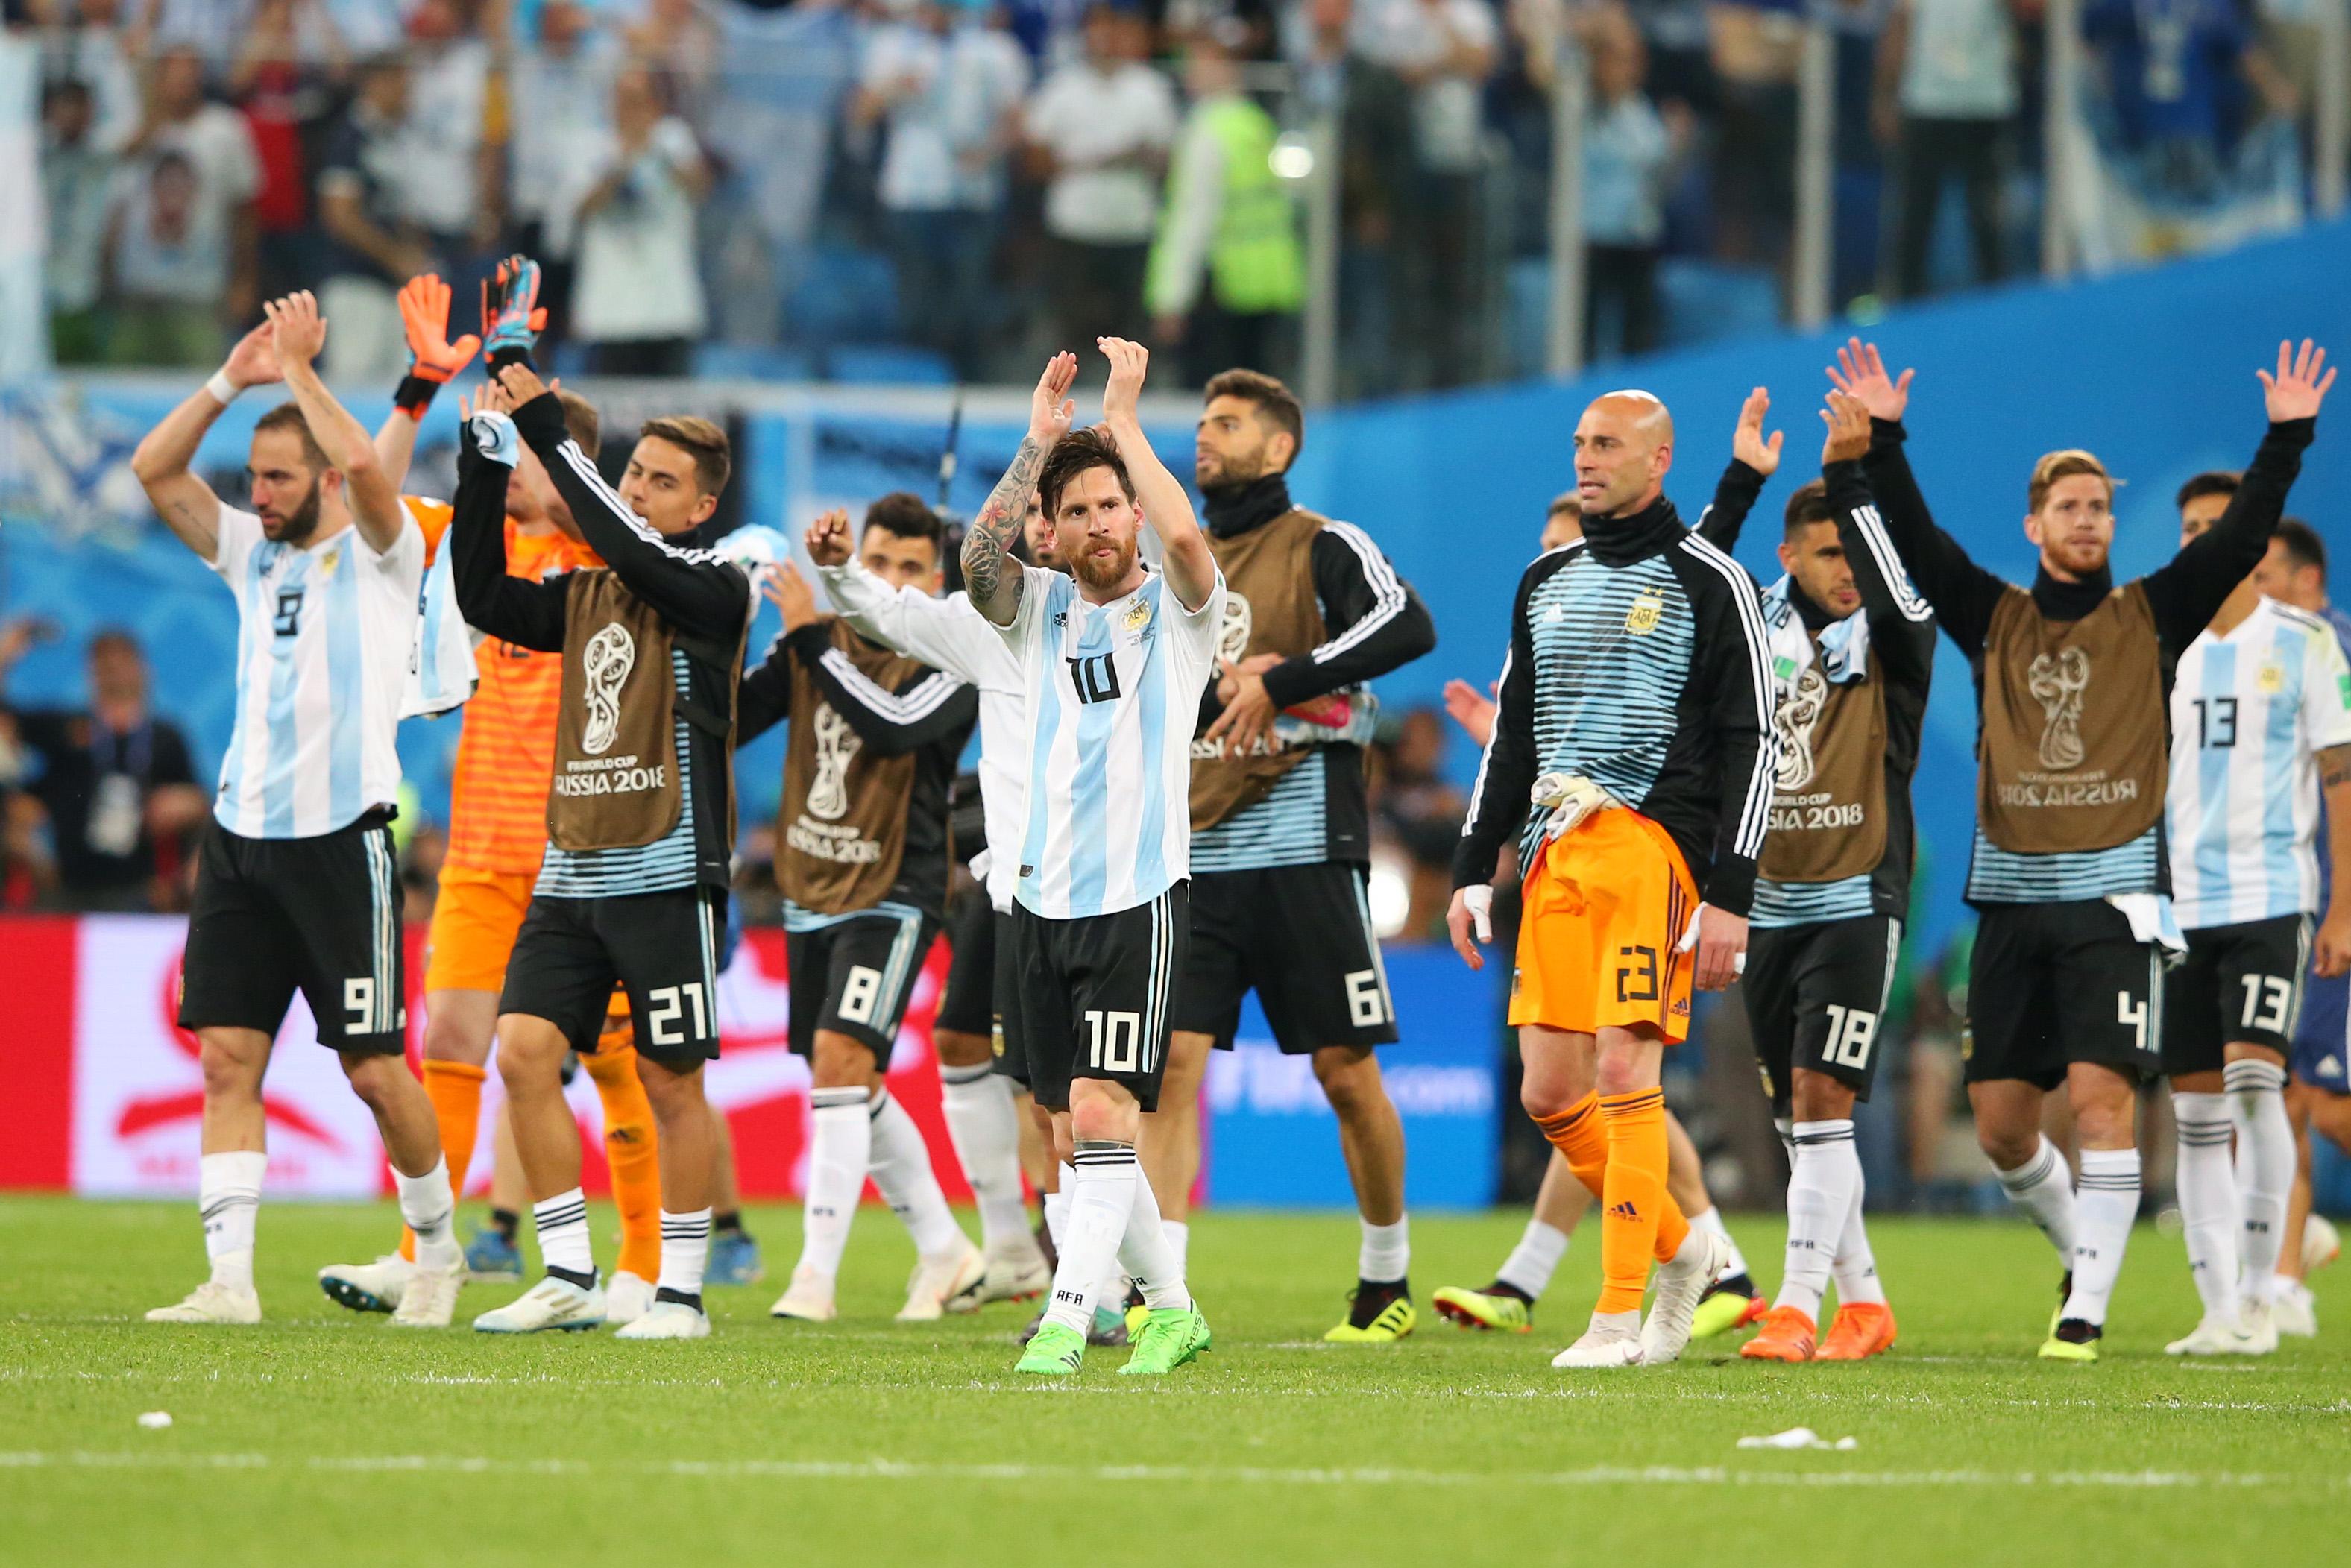 Leo Messi, Mundial 2018, Argentina, Nigeria